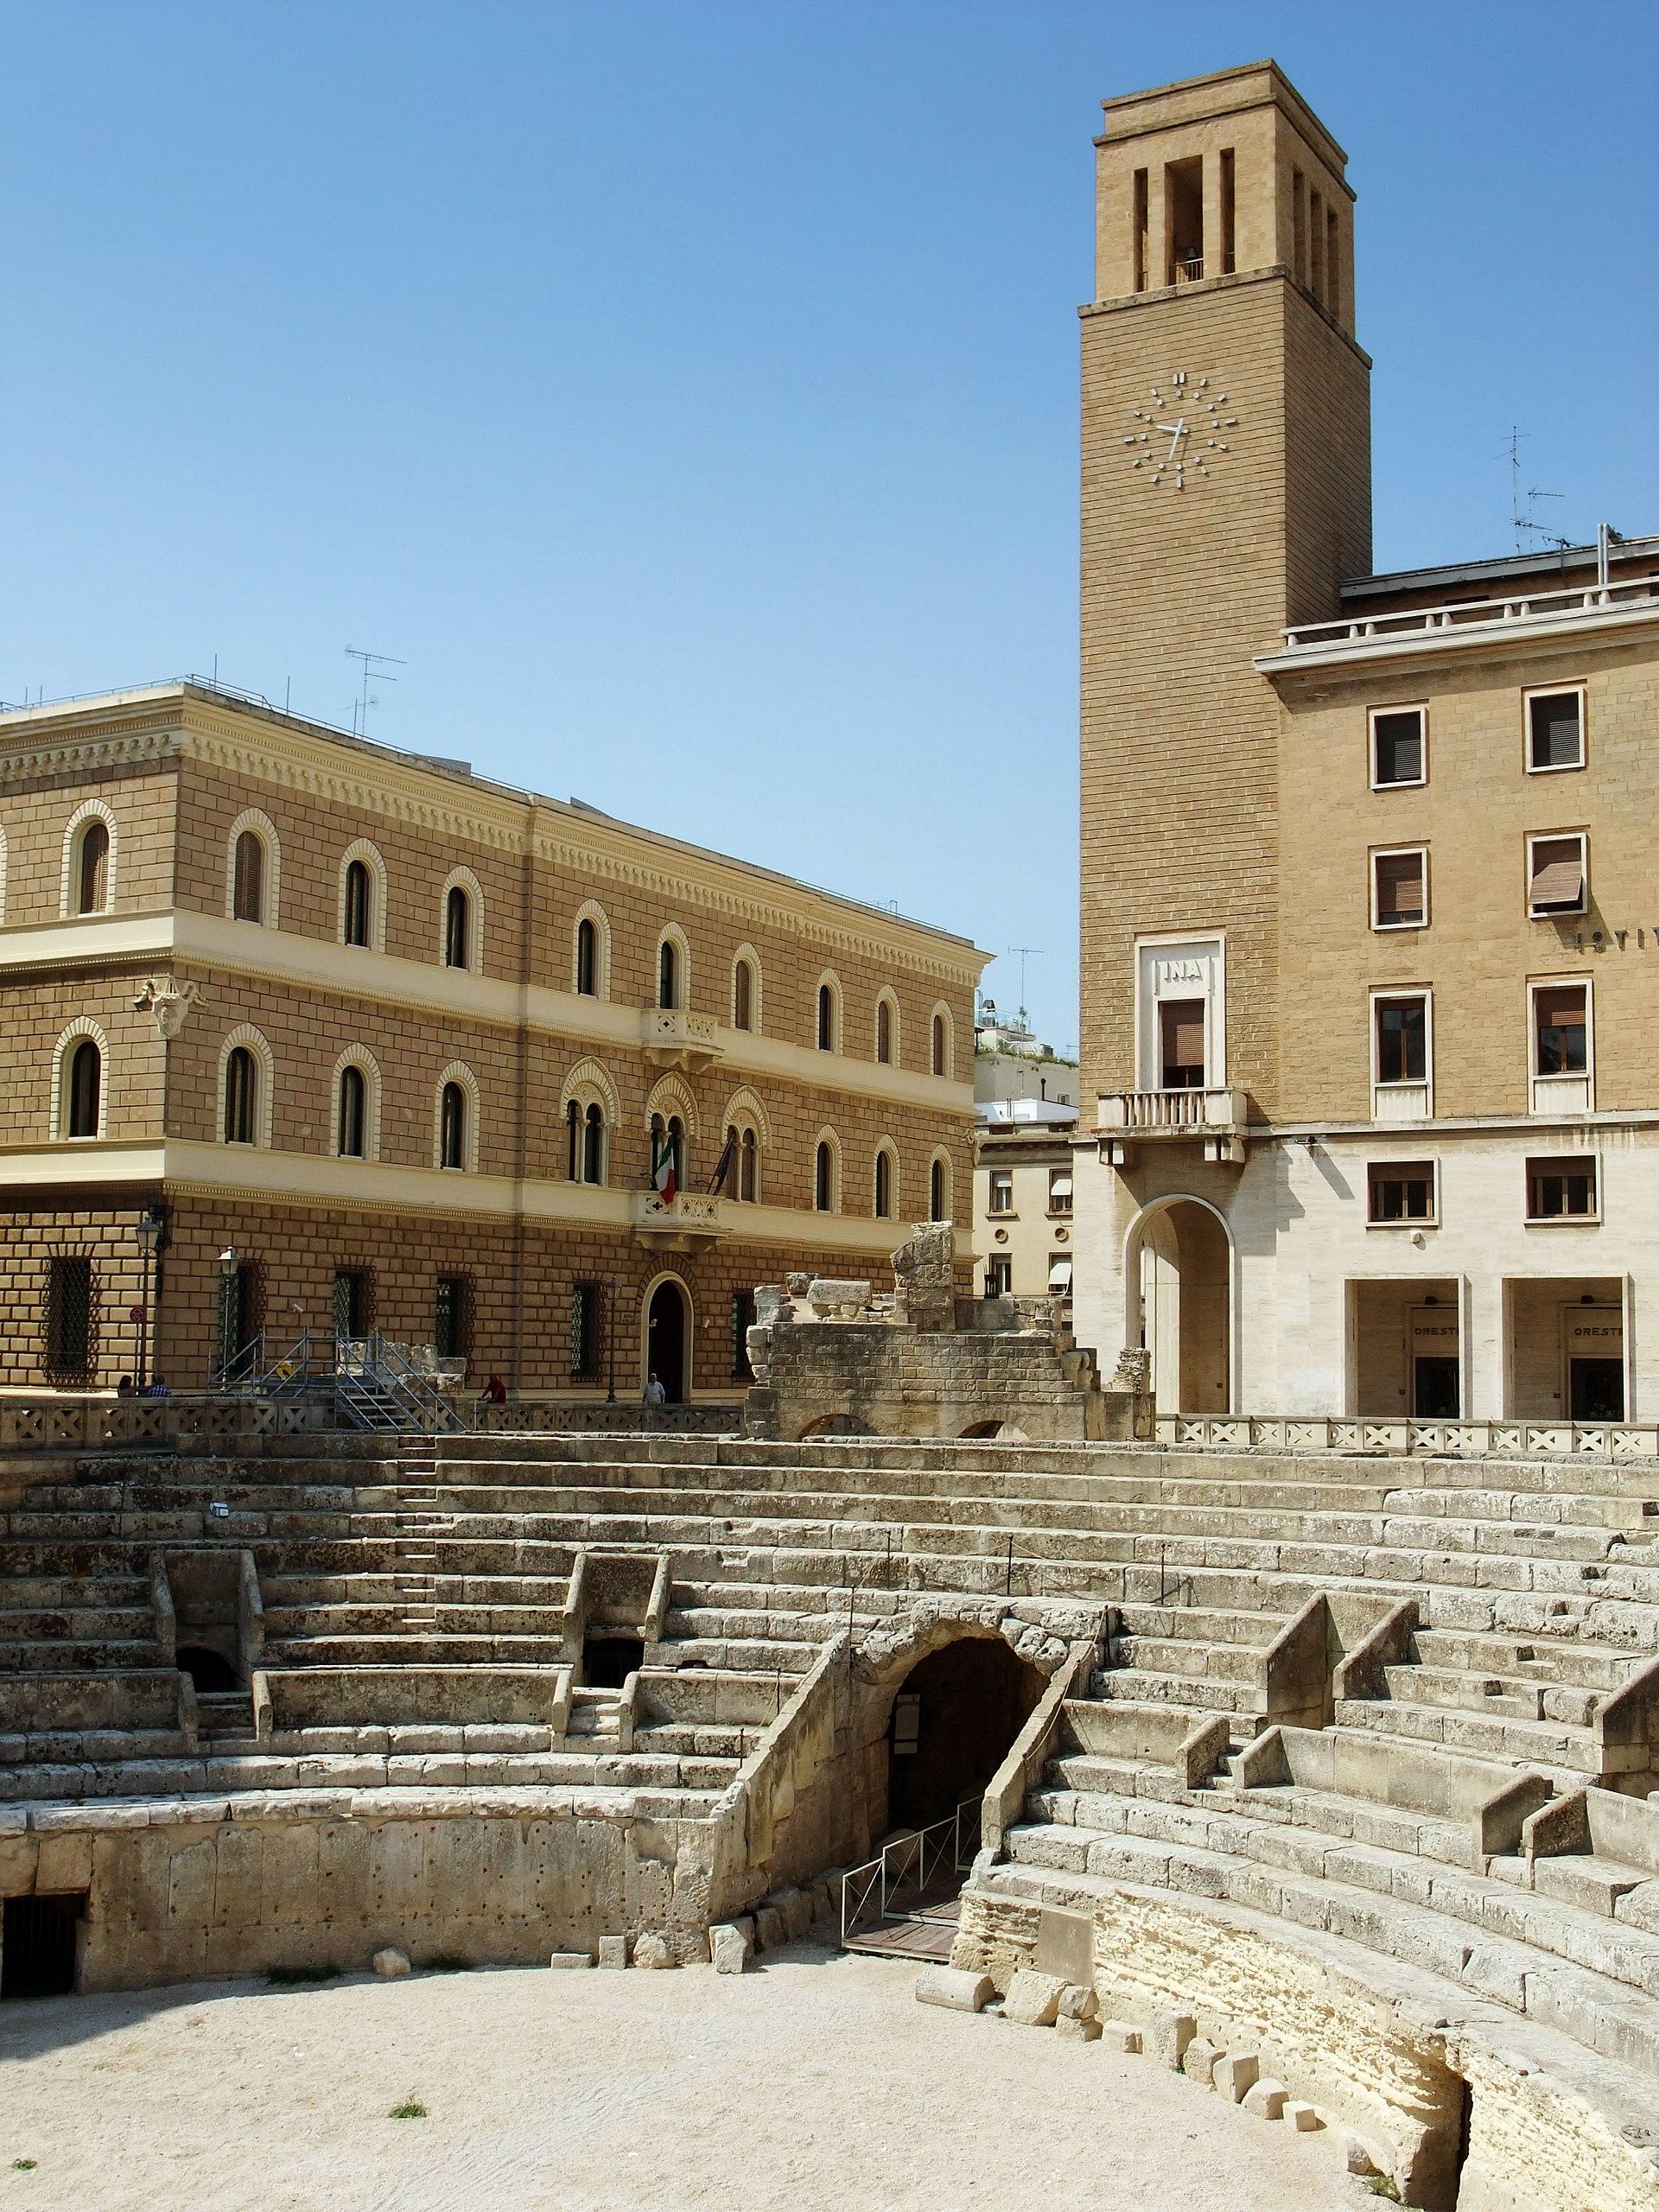 piazza santoronzo lecce storia damore - photo#9